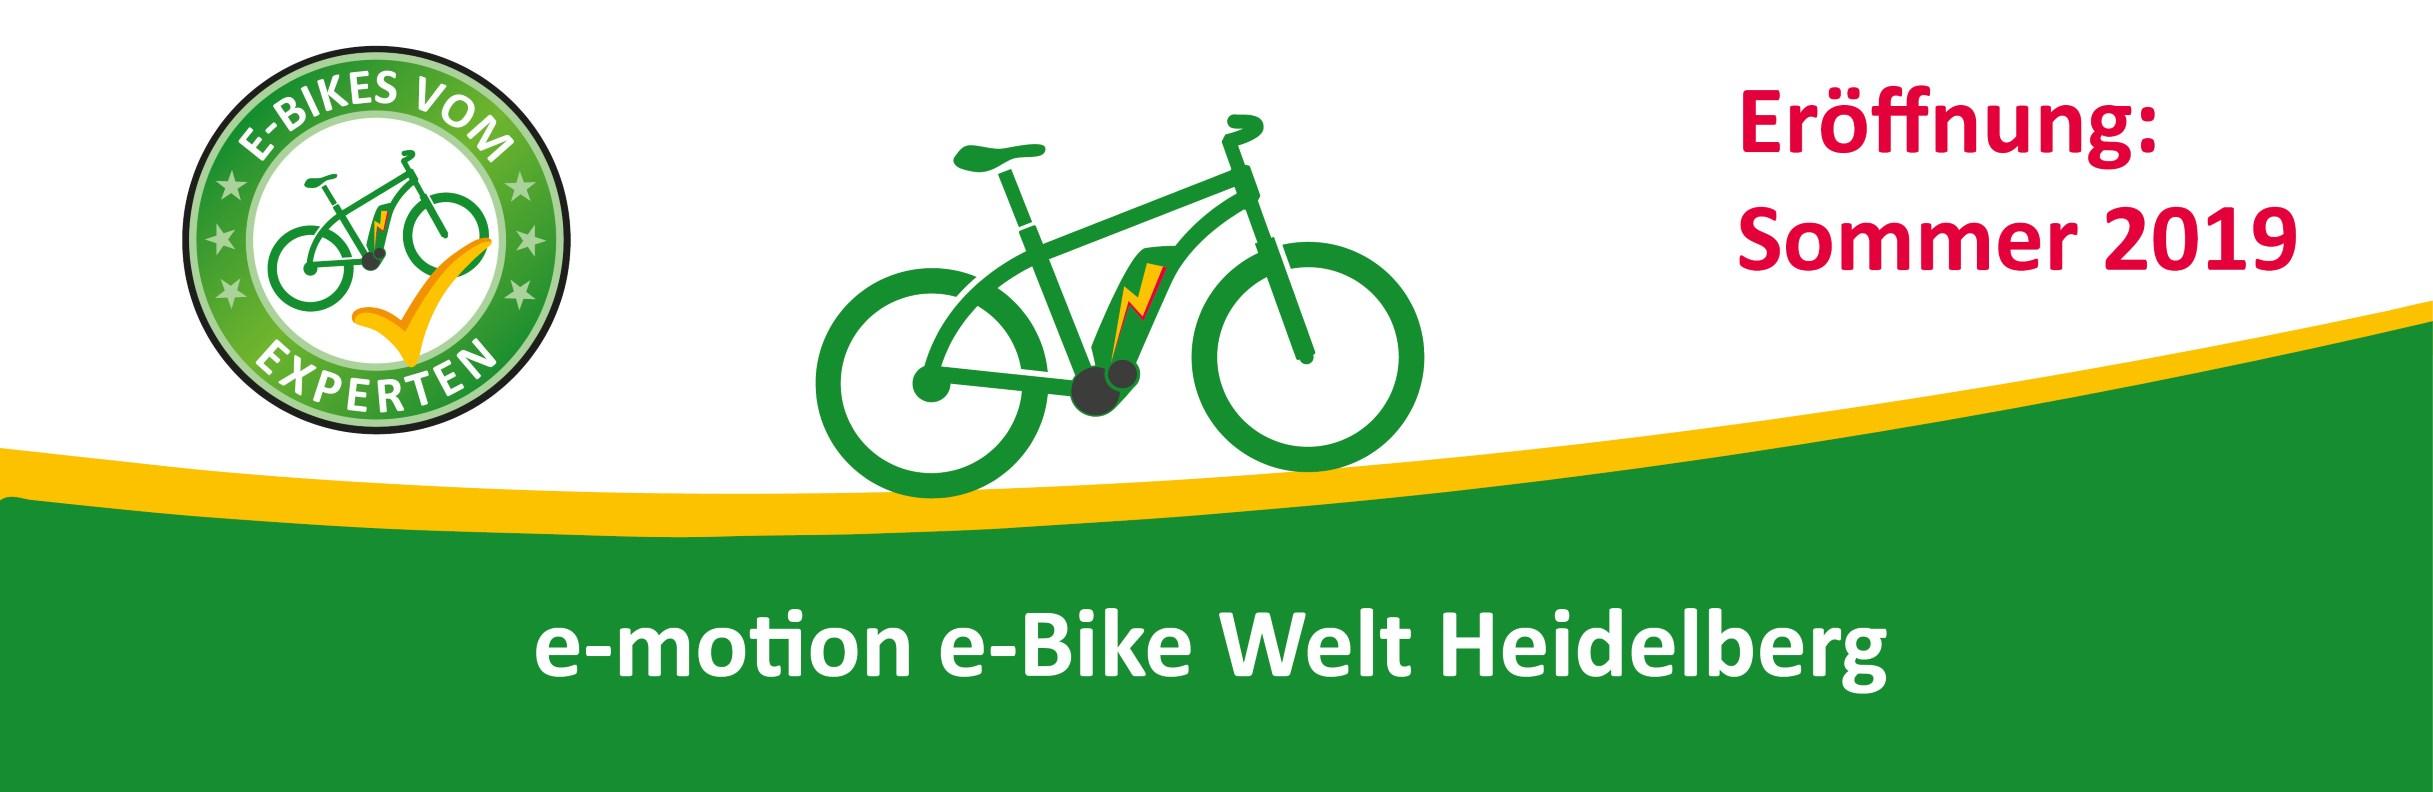 e-motion e-Bike Welt Heidelberg